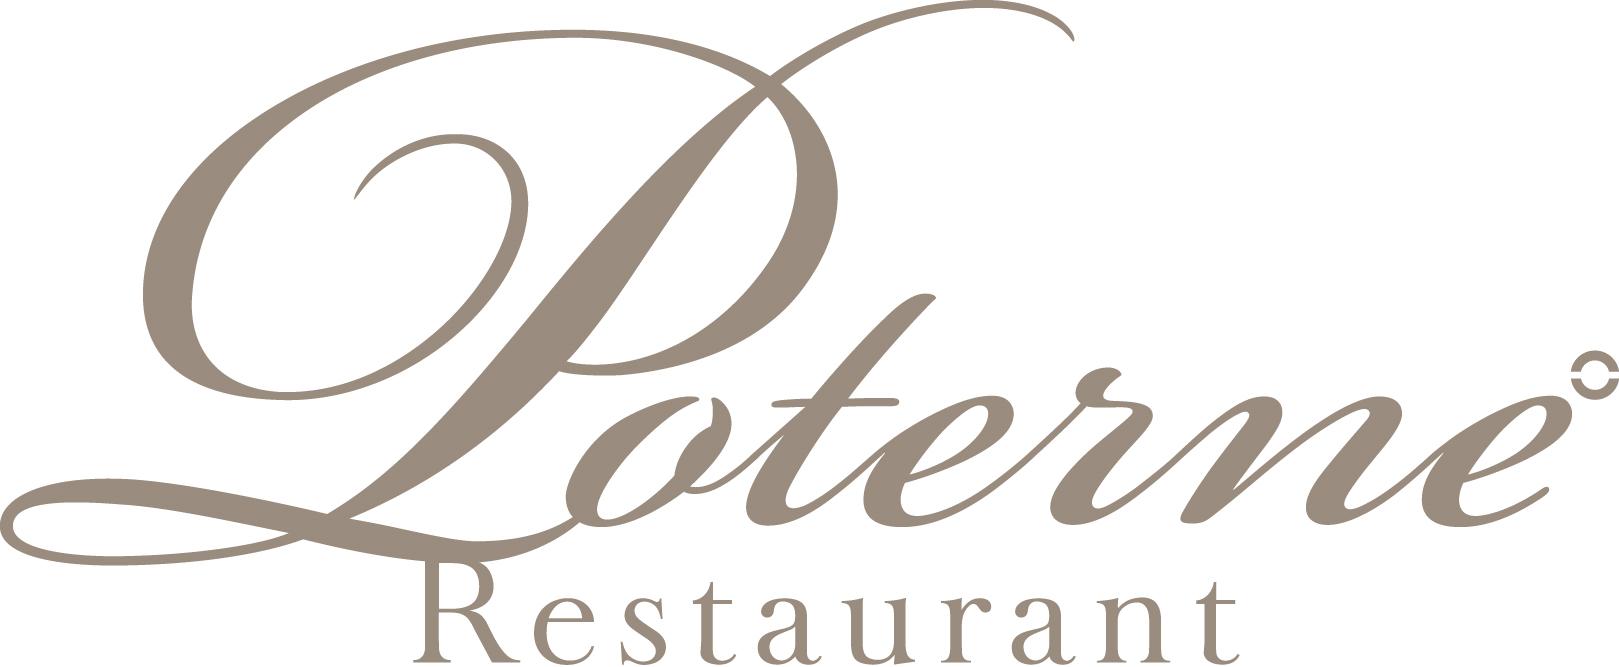 Fort Resort Beemster - wellness - spa - sauna - hotel - restaurant - potern restaurant - vergaderingen - bruiloften - trouwlocatie - massage - maincure & pedicure - gezichtsbehandelingen - hammam - centraal gelegen van Amsterdam, Purmerend, Volendam, Alkmaar - Noord-holland